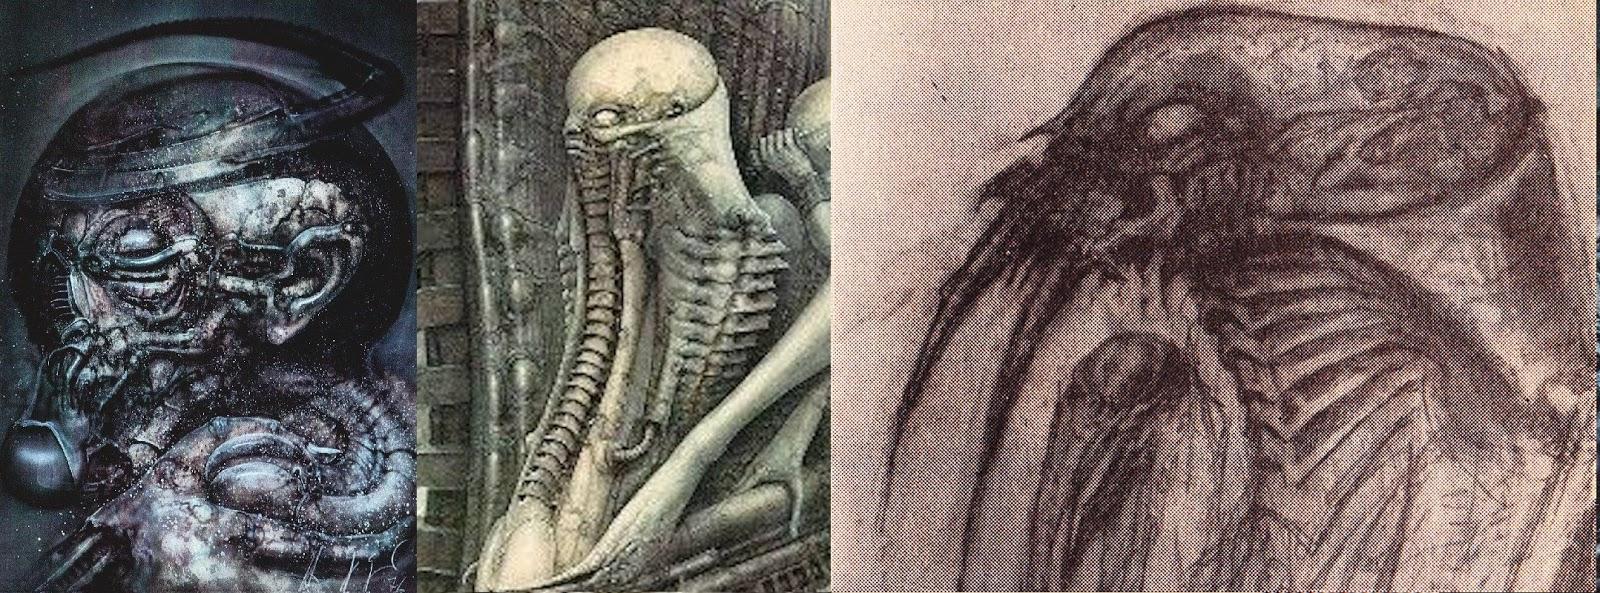 Alien Explorations: Alien: early Alien beast drawing